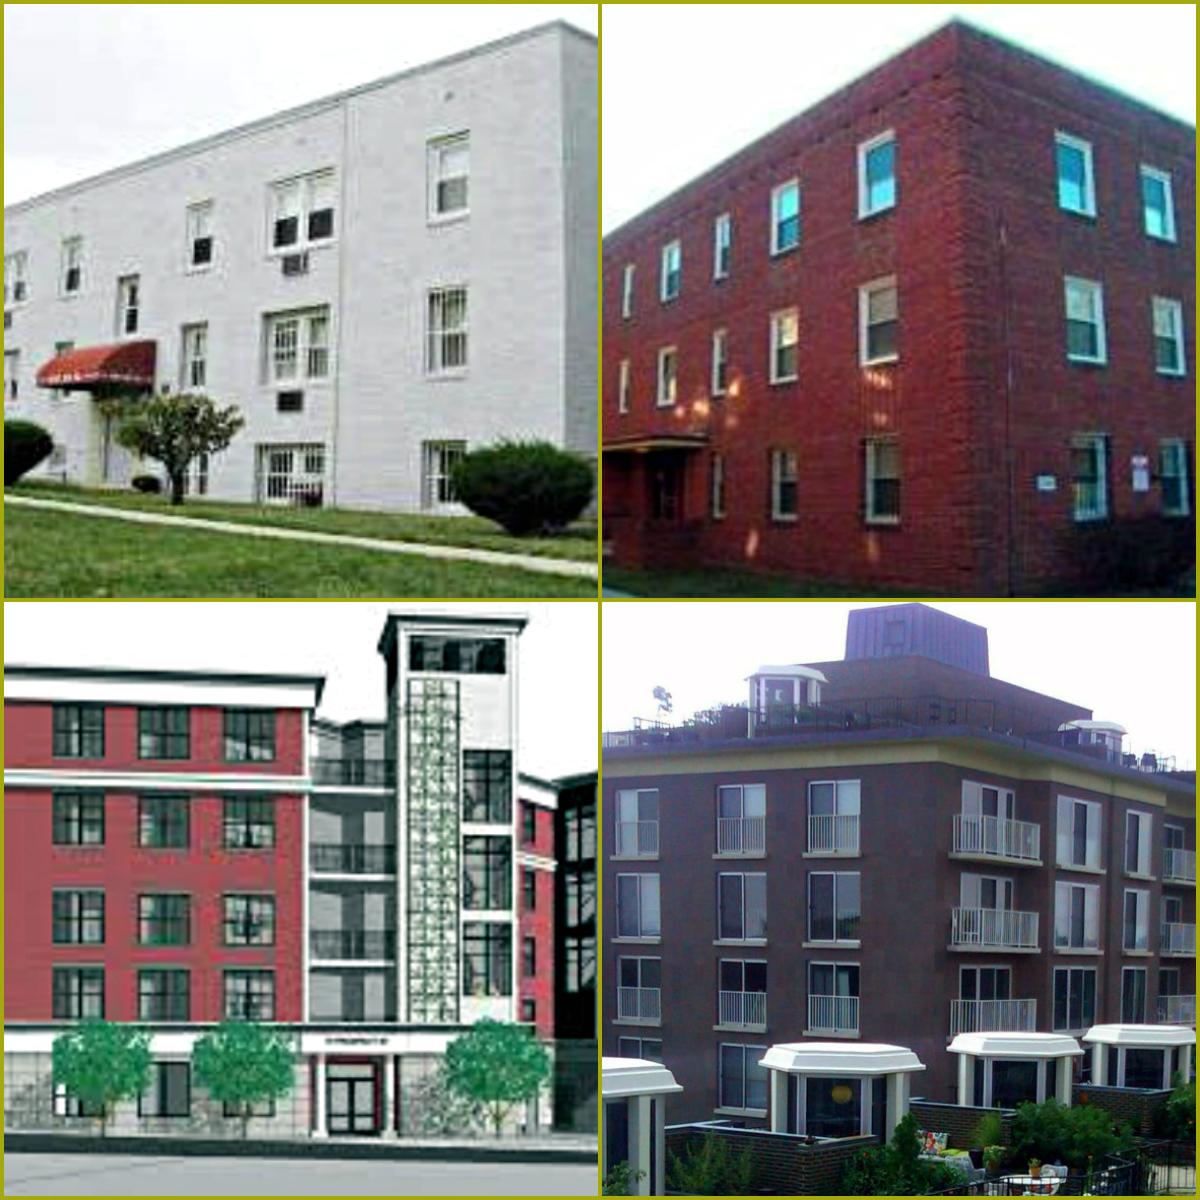 Rodwellbuildingservices